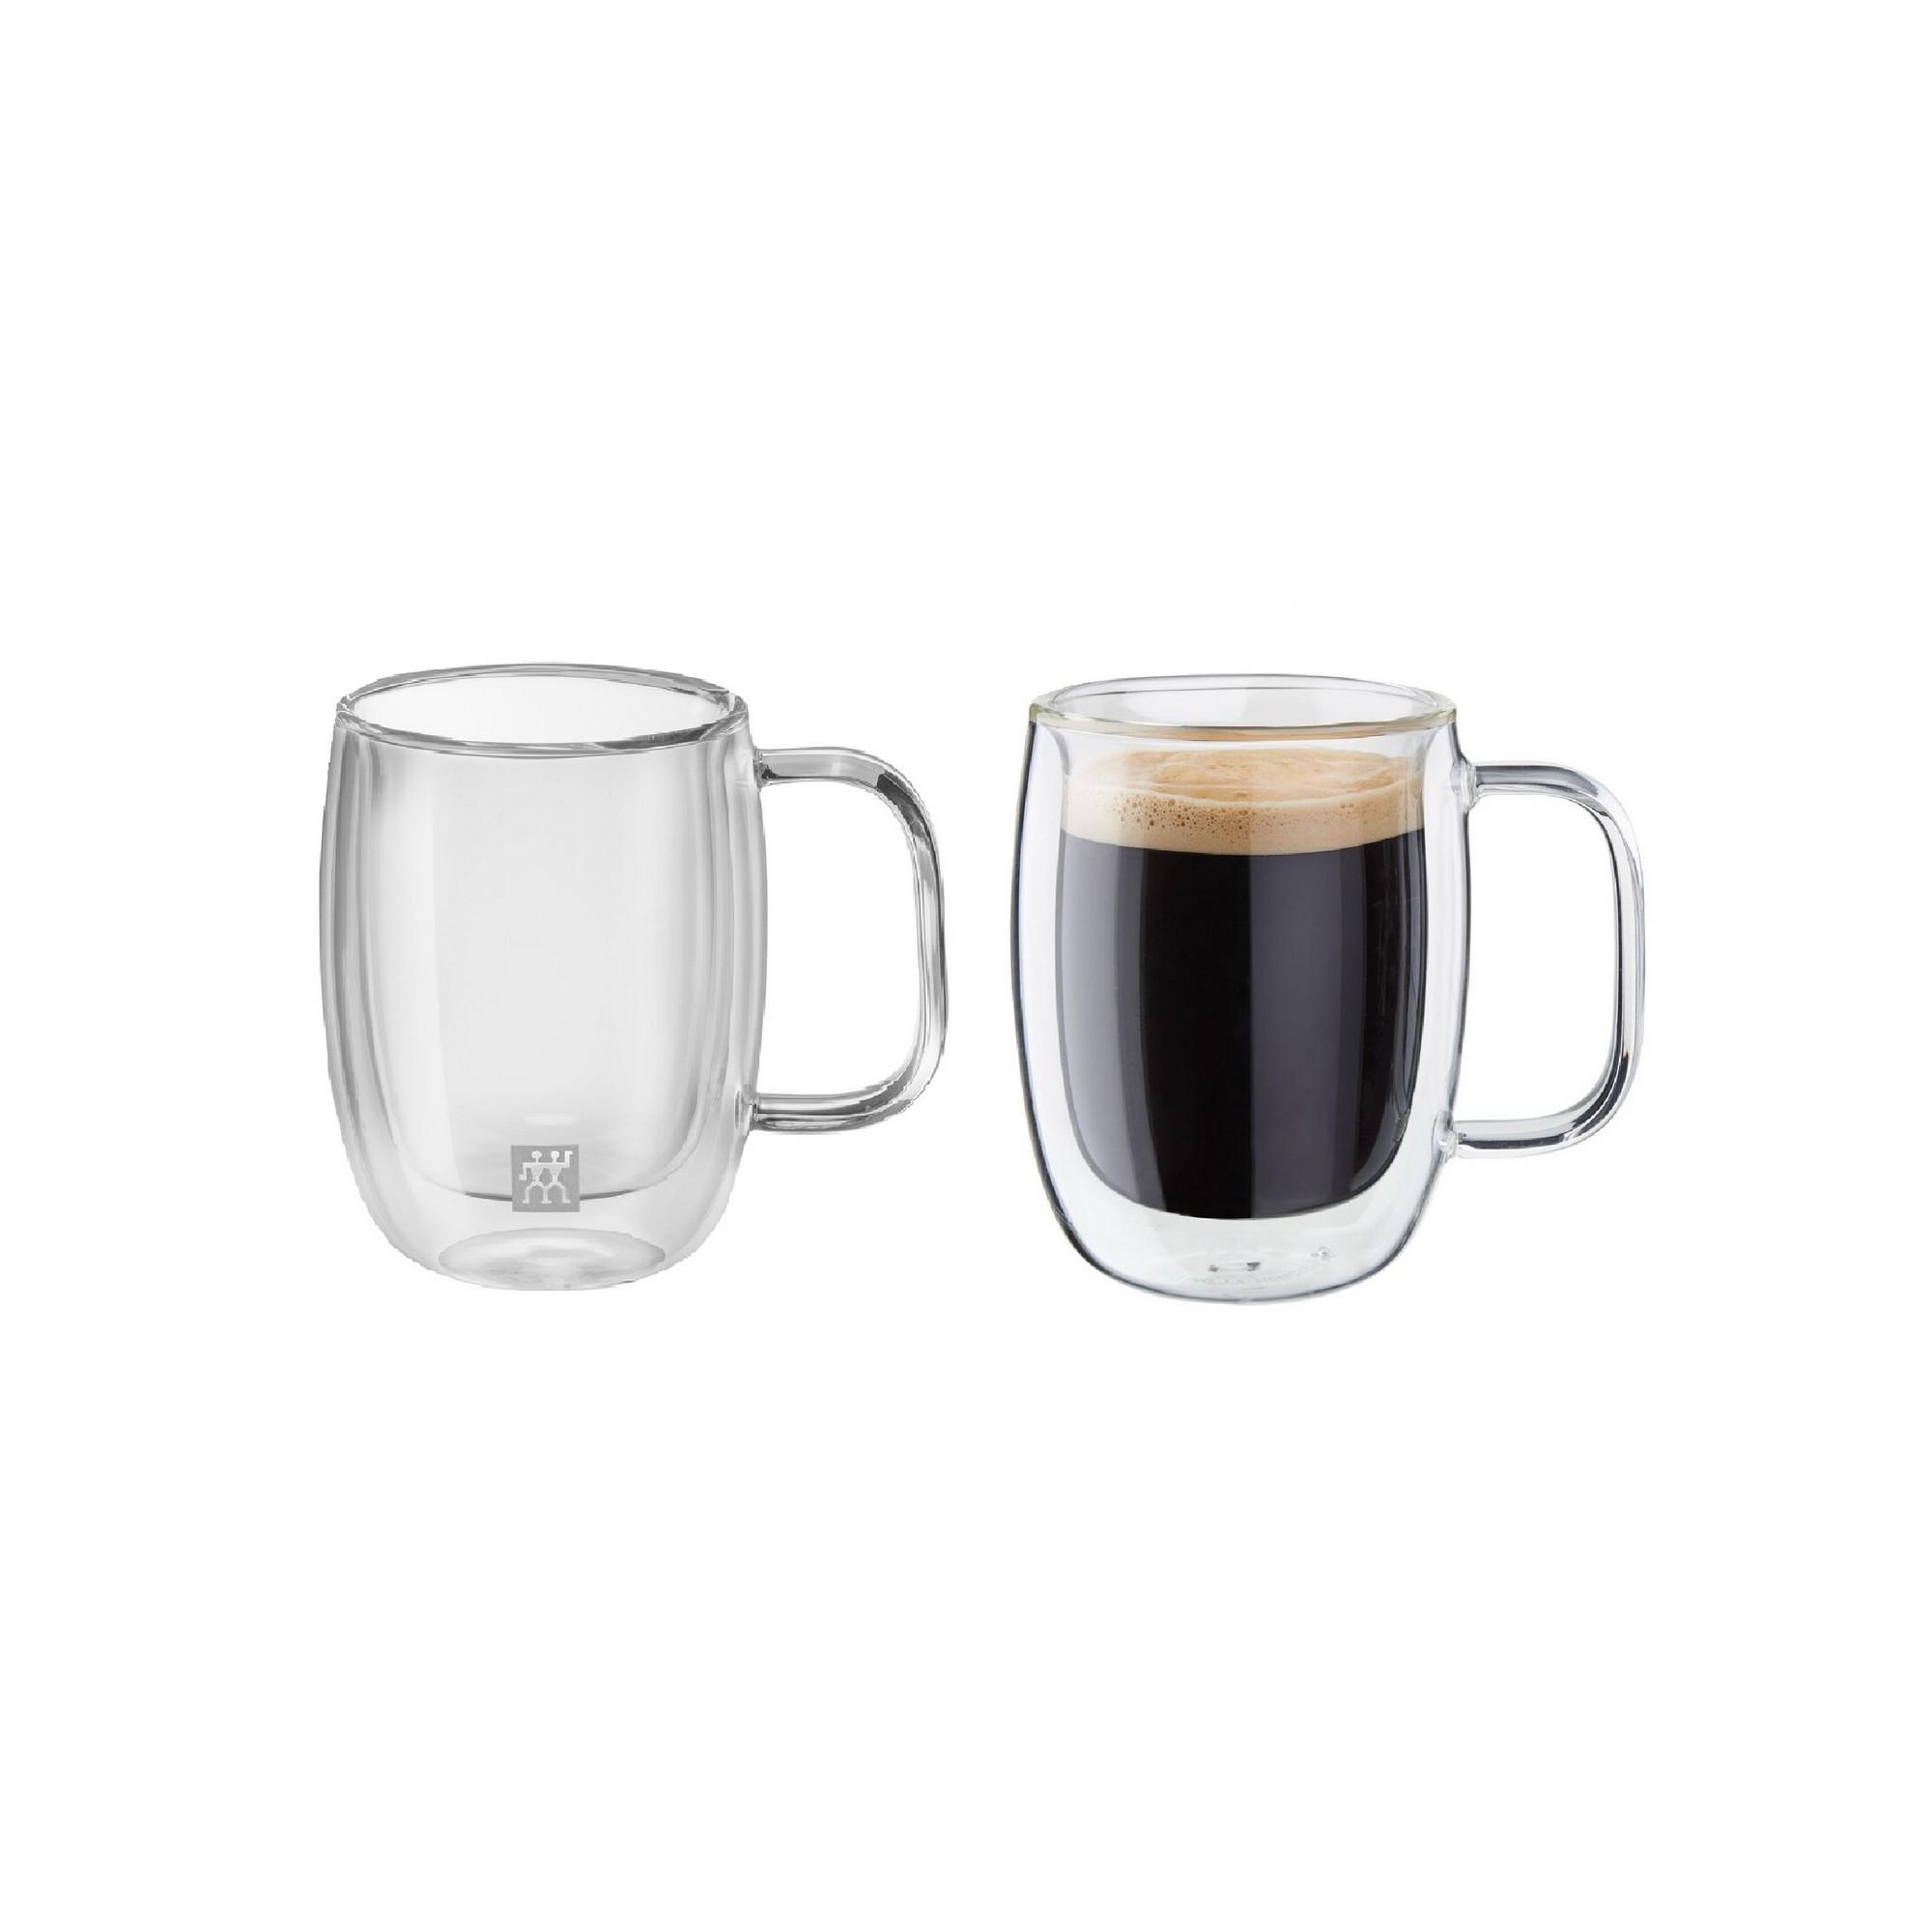 Jogo de Canecas para Espresso Duplo 134ml Zwilling Sorrento 2 Peças Parede Dupla